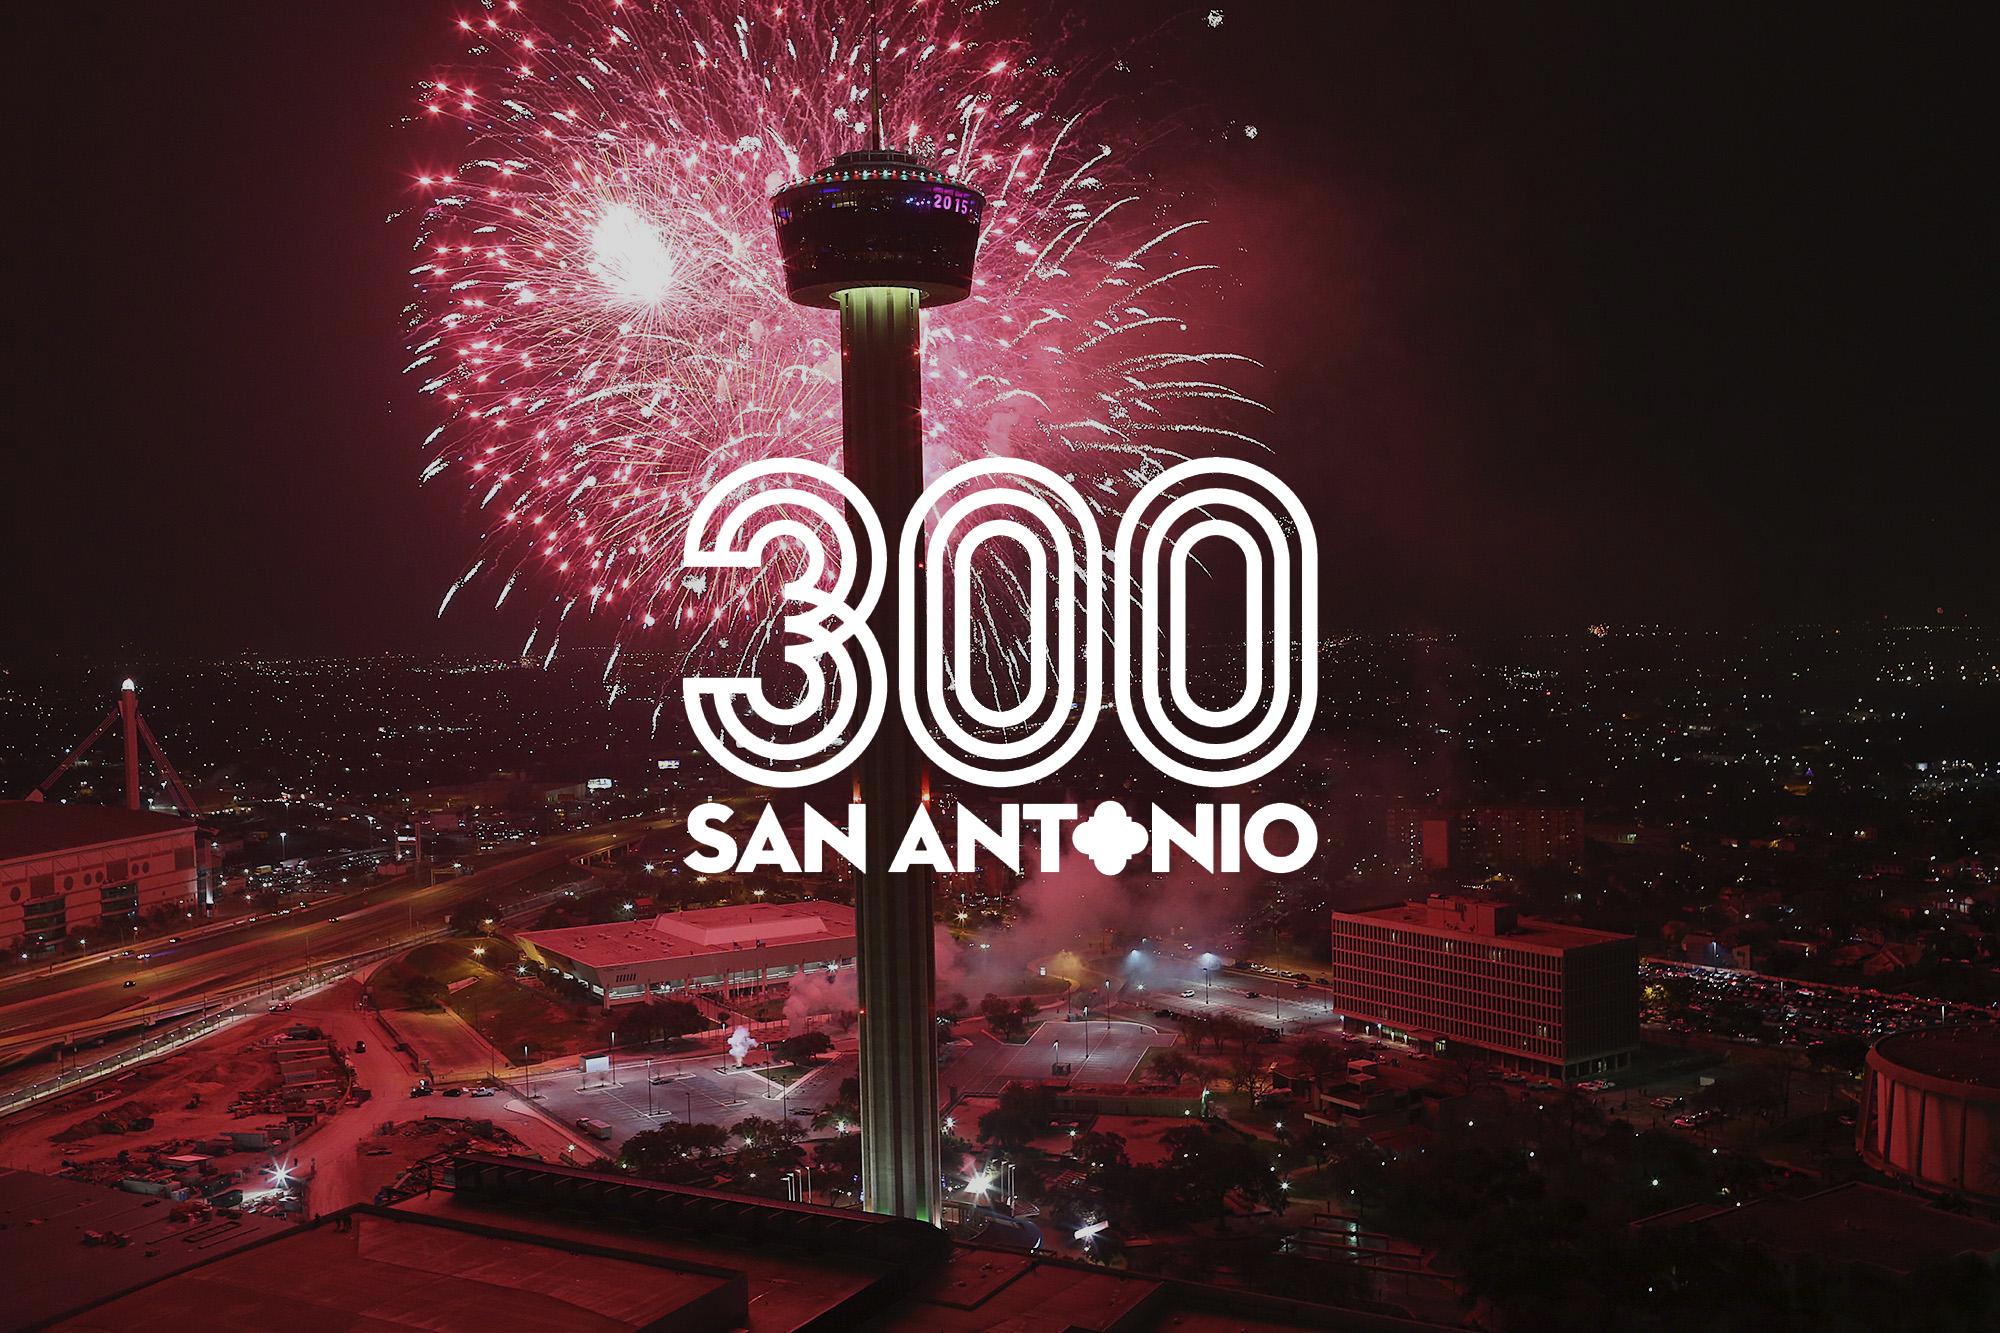 sa300-overlay-image.jpg